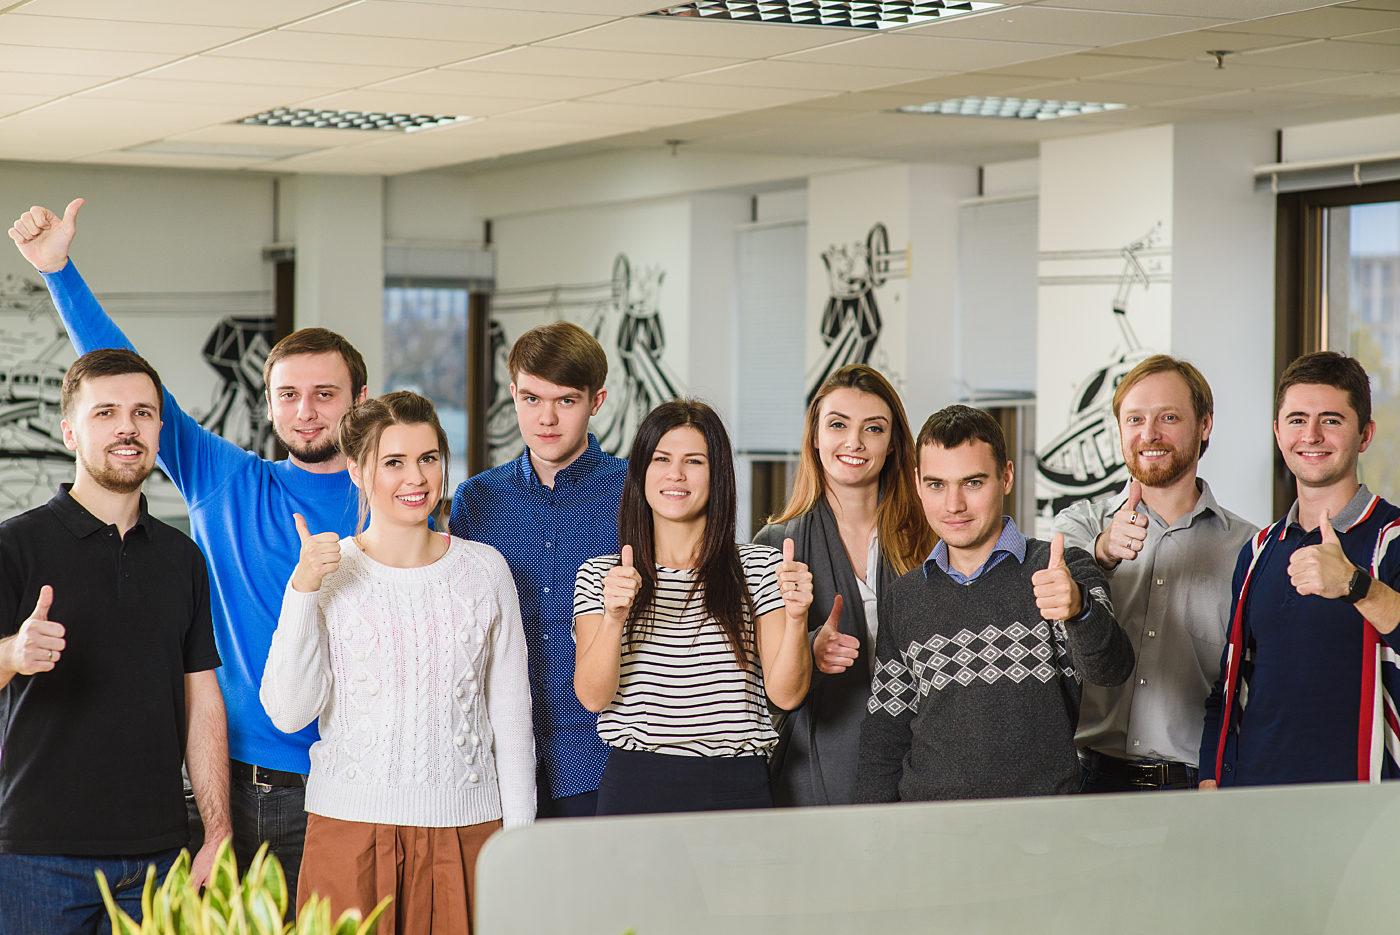 Интервью: Владимир Воробьев: «Если технологии и разработка — ваше призвание, станьте настоящими профессионалами в этой сфере»